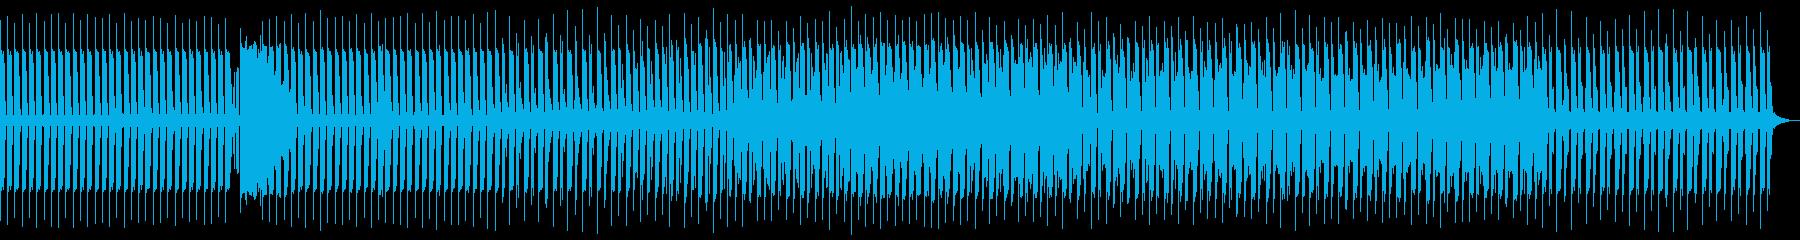 テクノ。攻撃。戦争。最後にピアノの...の再生済みの波形